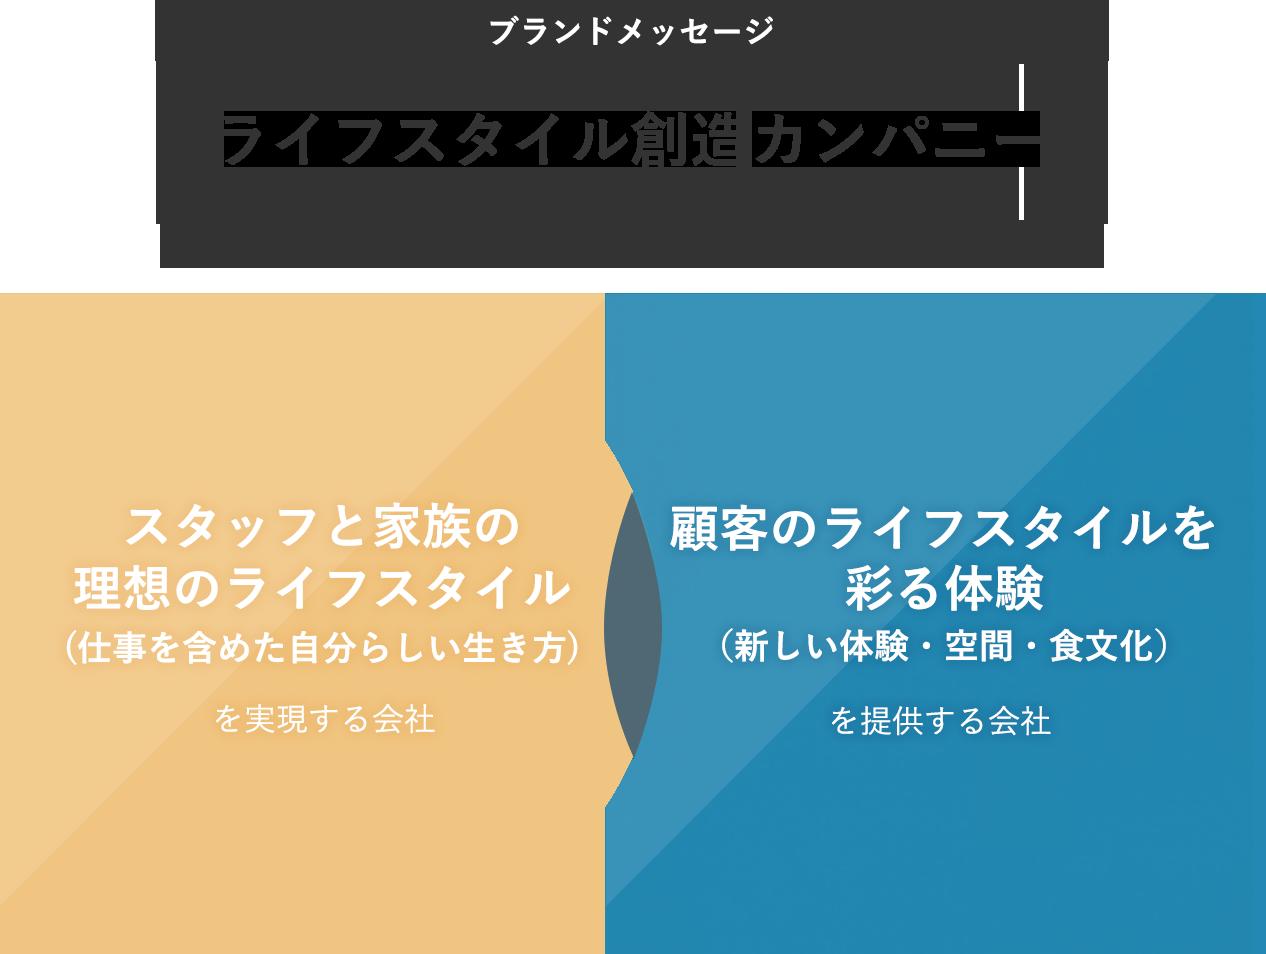 ライススタイル創造カンパニー 「スタッフと家族の理想のライフスタイル(仕事を含めた自分らしい生き方)を実現する会社」「顧客のライフスタイルを彩る体験(新しい体験・空間・食文化)を提供する会社」